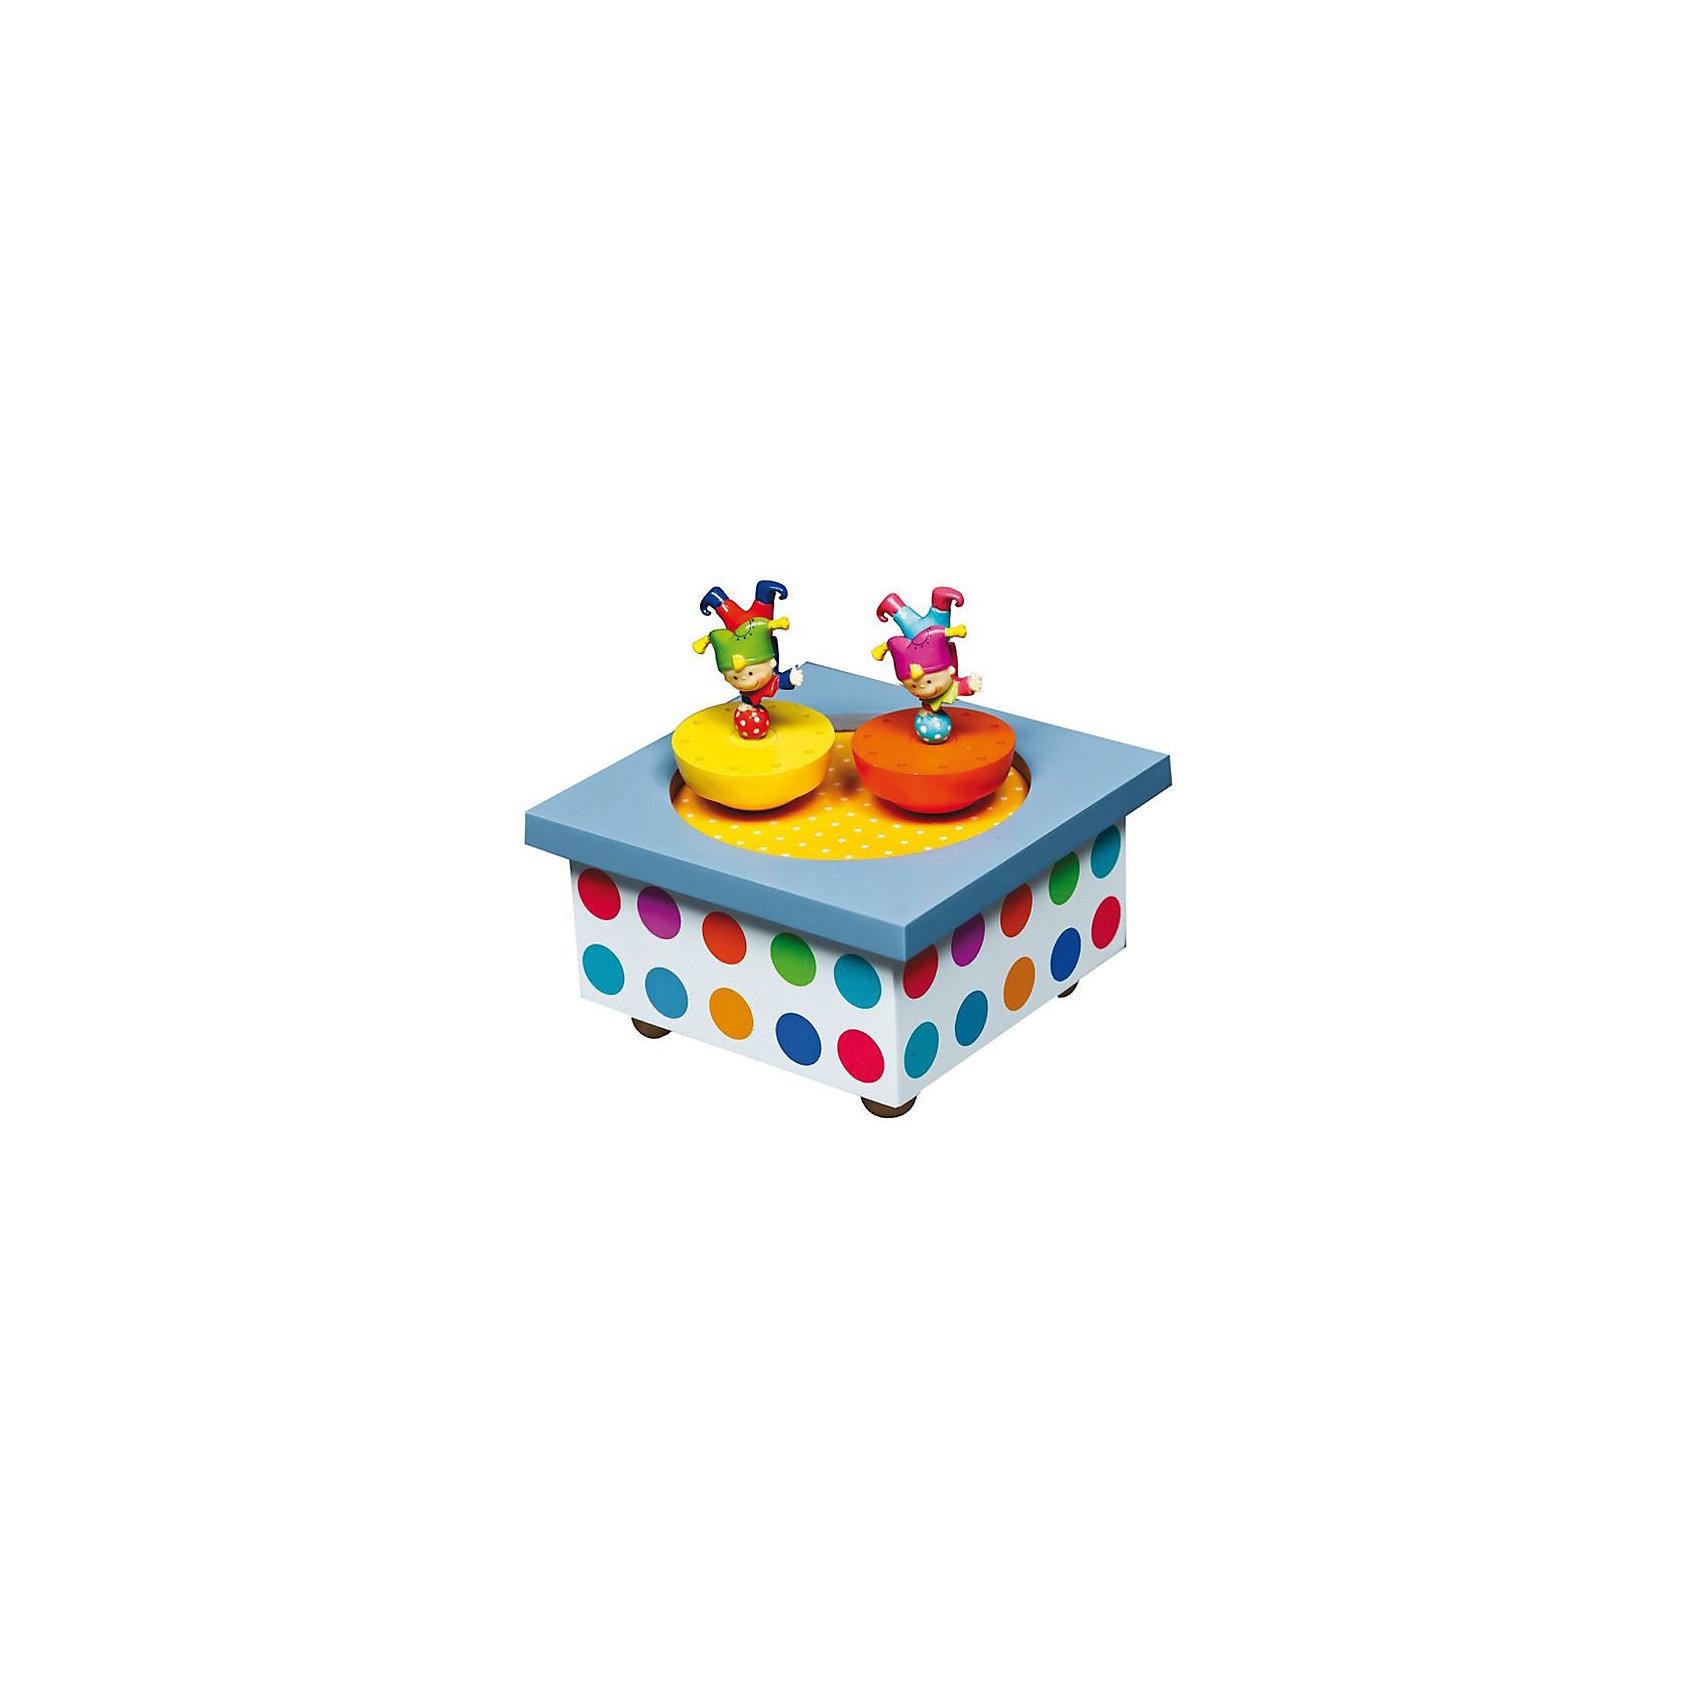 Музыкальная шкатулка Акробаты, TrousselierПредметы интерьера<br>Музыкальная шкатулка с механическим заводом кружащиеся фигурки на магнитах<br>40 лет Французский бренд Trousselier создает сказочный детский мир.<br>Как элемент декора может использоваться с рождения, как игрушка с 3-х лет<br>Музыкальная шкатулка с вращающимися на магнитах фигурками.<br>Фигурки вращаются под музыку после завода ключом, находящимся на дне шкатулки.<br>Минимальный возраст: 0 месяцев<br>Не давать ребенку в руки до 36 месяцев<br>Размер: 12 x 12 x 10 см<br>Материал: дерево, металл<br>Фигурки, крутящиеся под классическую музыку.<br>механический завод<br><br>Ширина мм: 111<br>Глубина мм: 111<br>Высота мм: 70<br>Вес г: 417<br>Возраст от месяцев: 0<br>Возраст до месяцев: 120<br>Пол: Унисекс<br>Возраст: Детский<br>SKU: 3972704